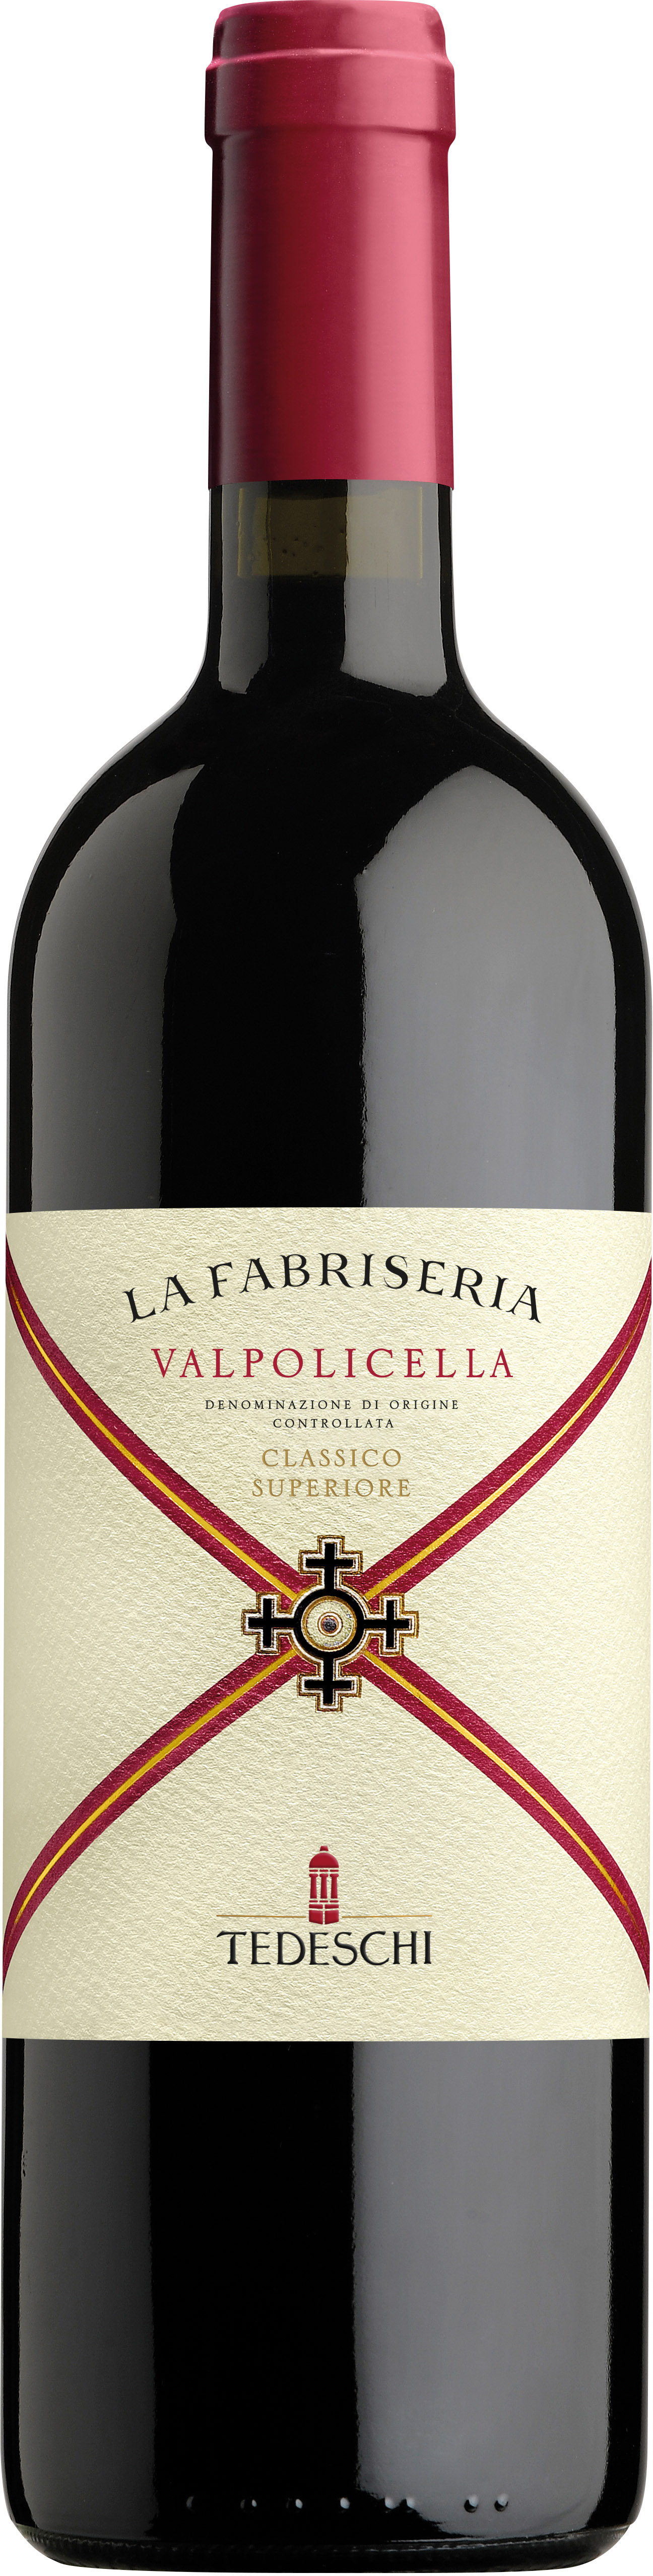 Vino rosso Valpolicella Classico Superiore La Fabriseria